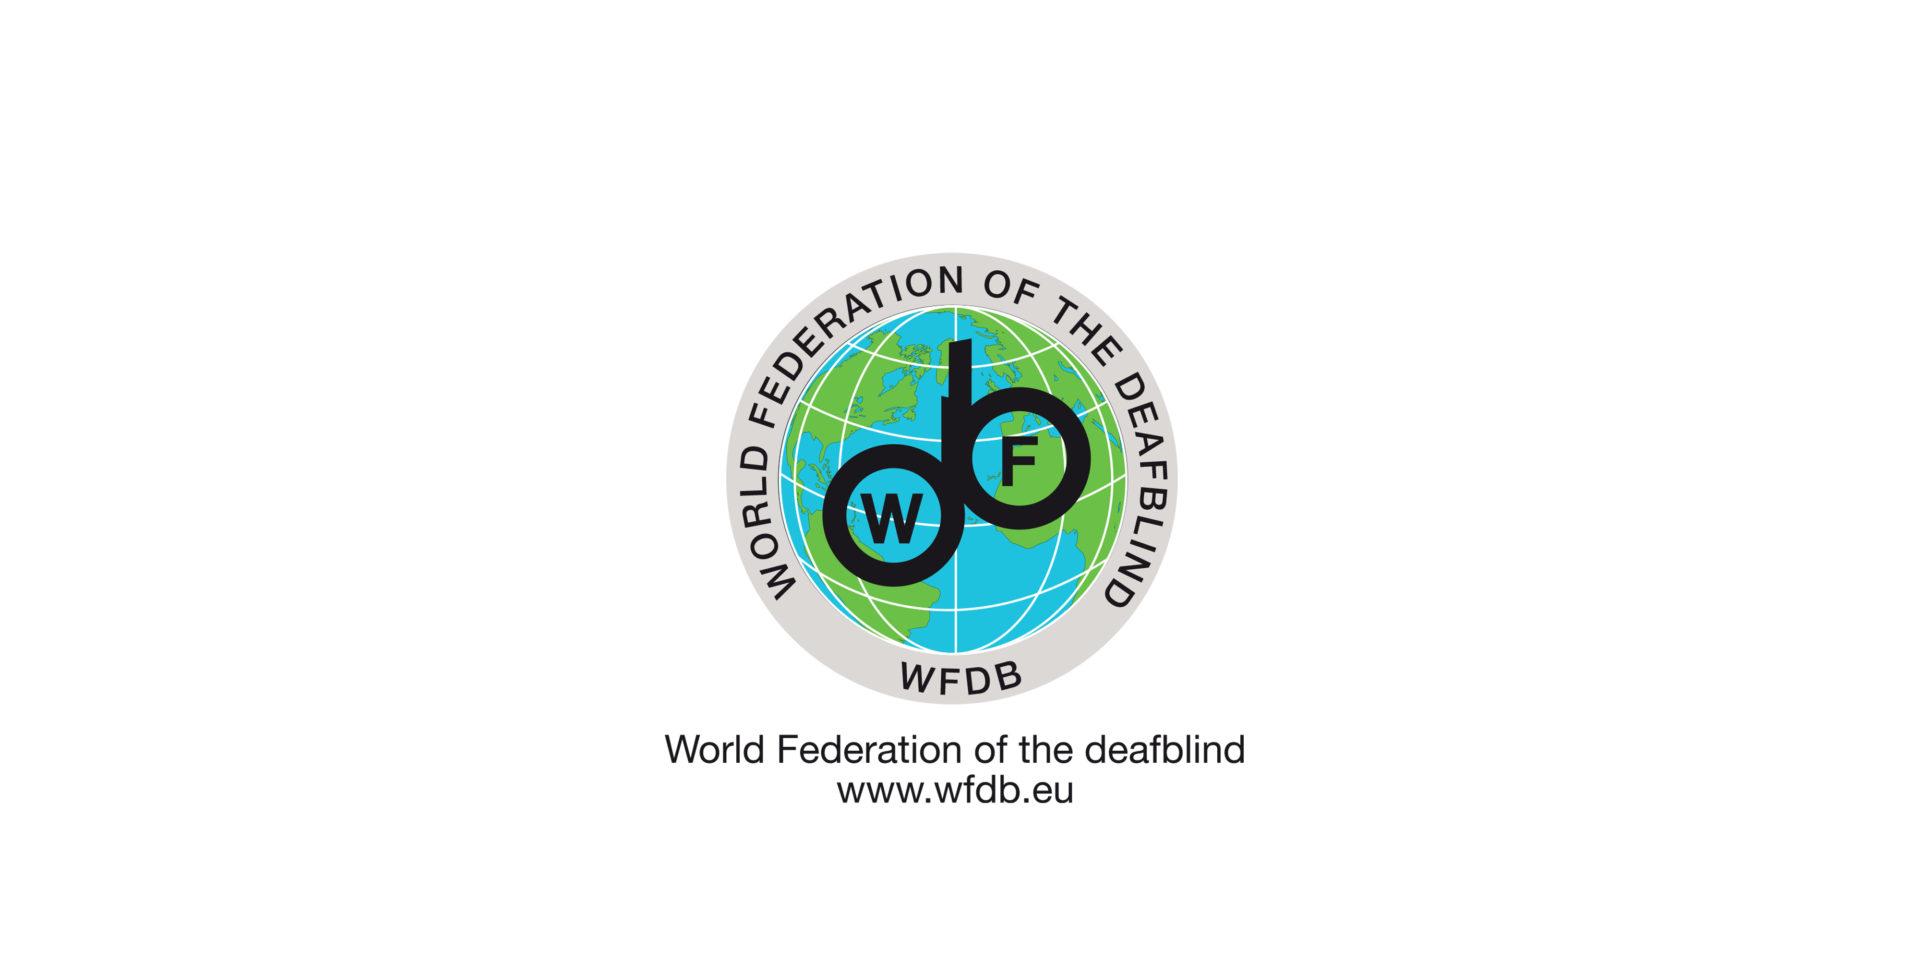 wfdb.eu